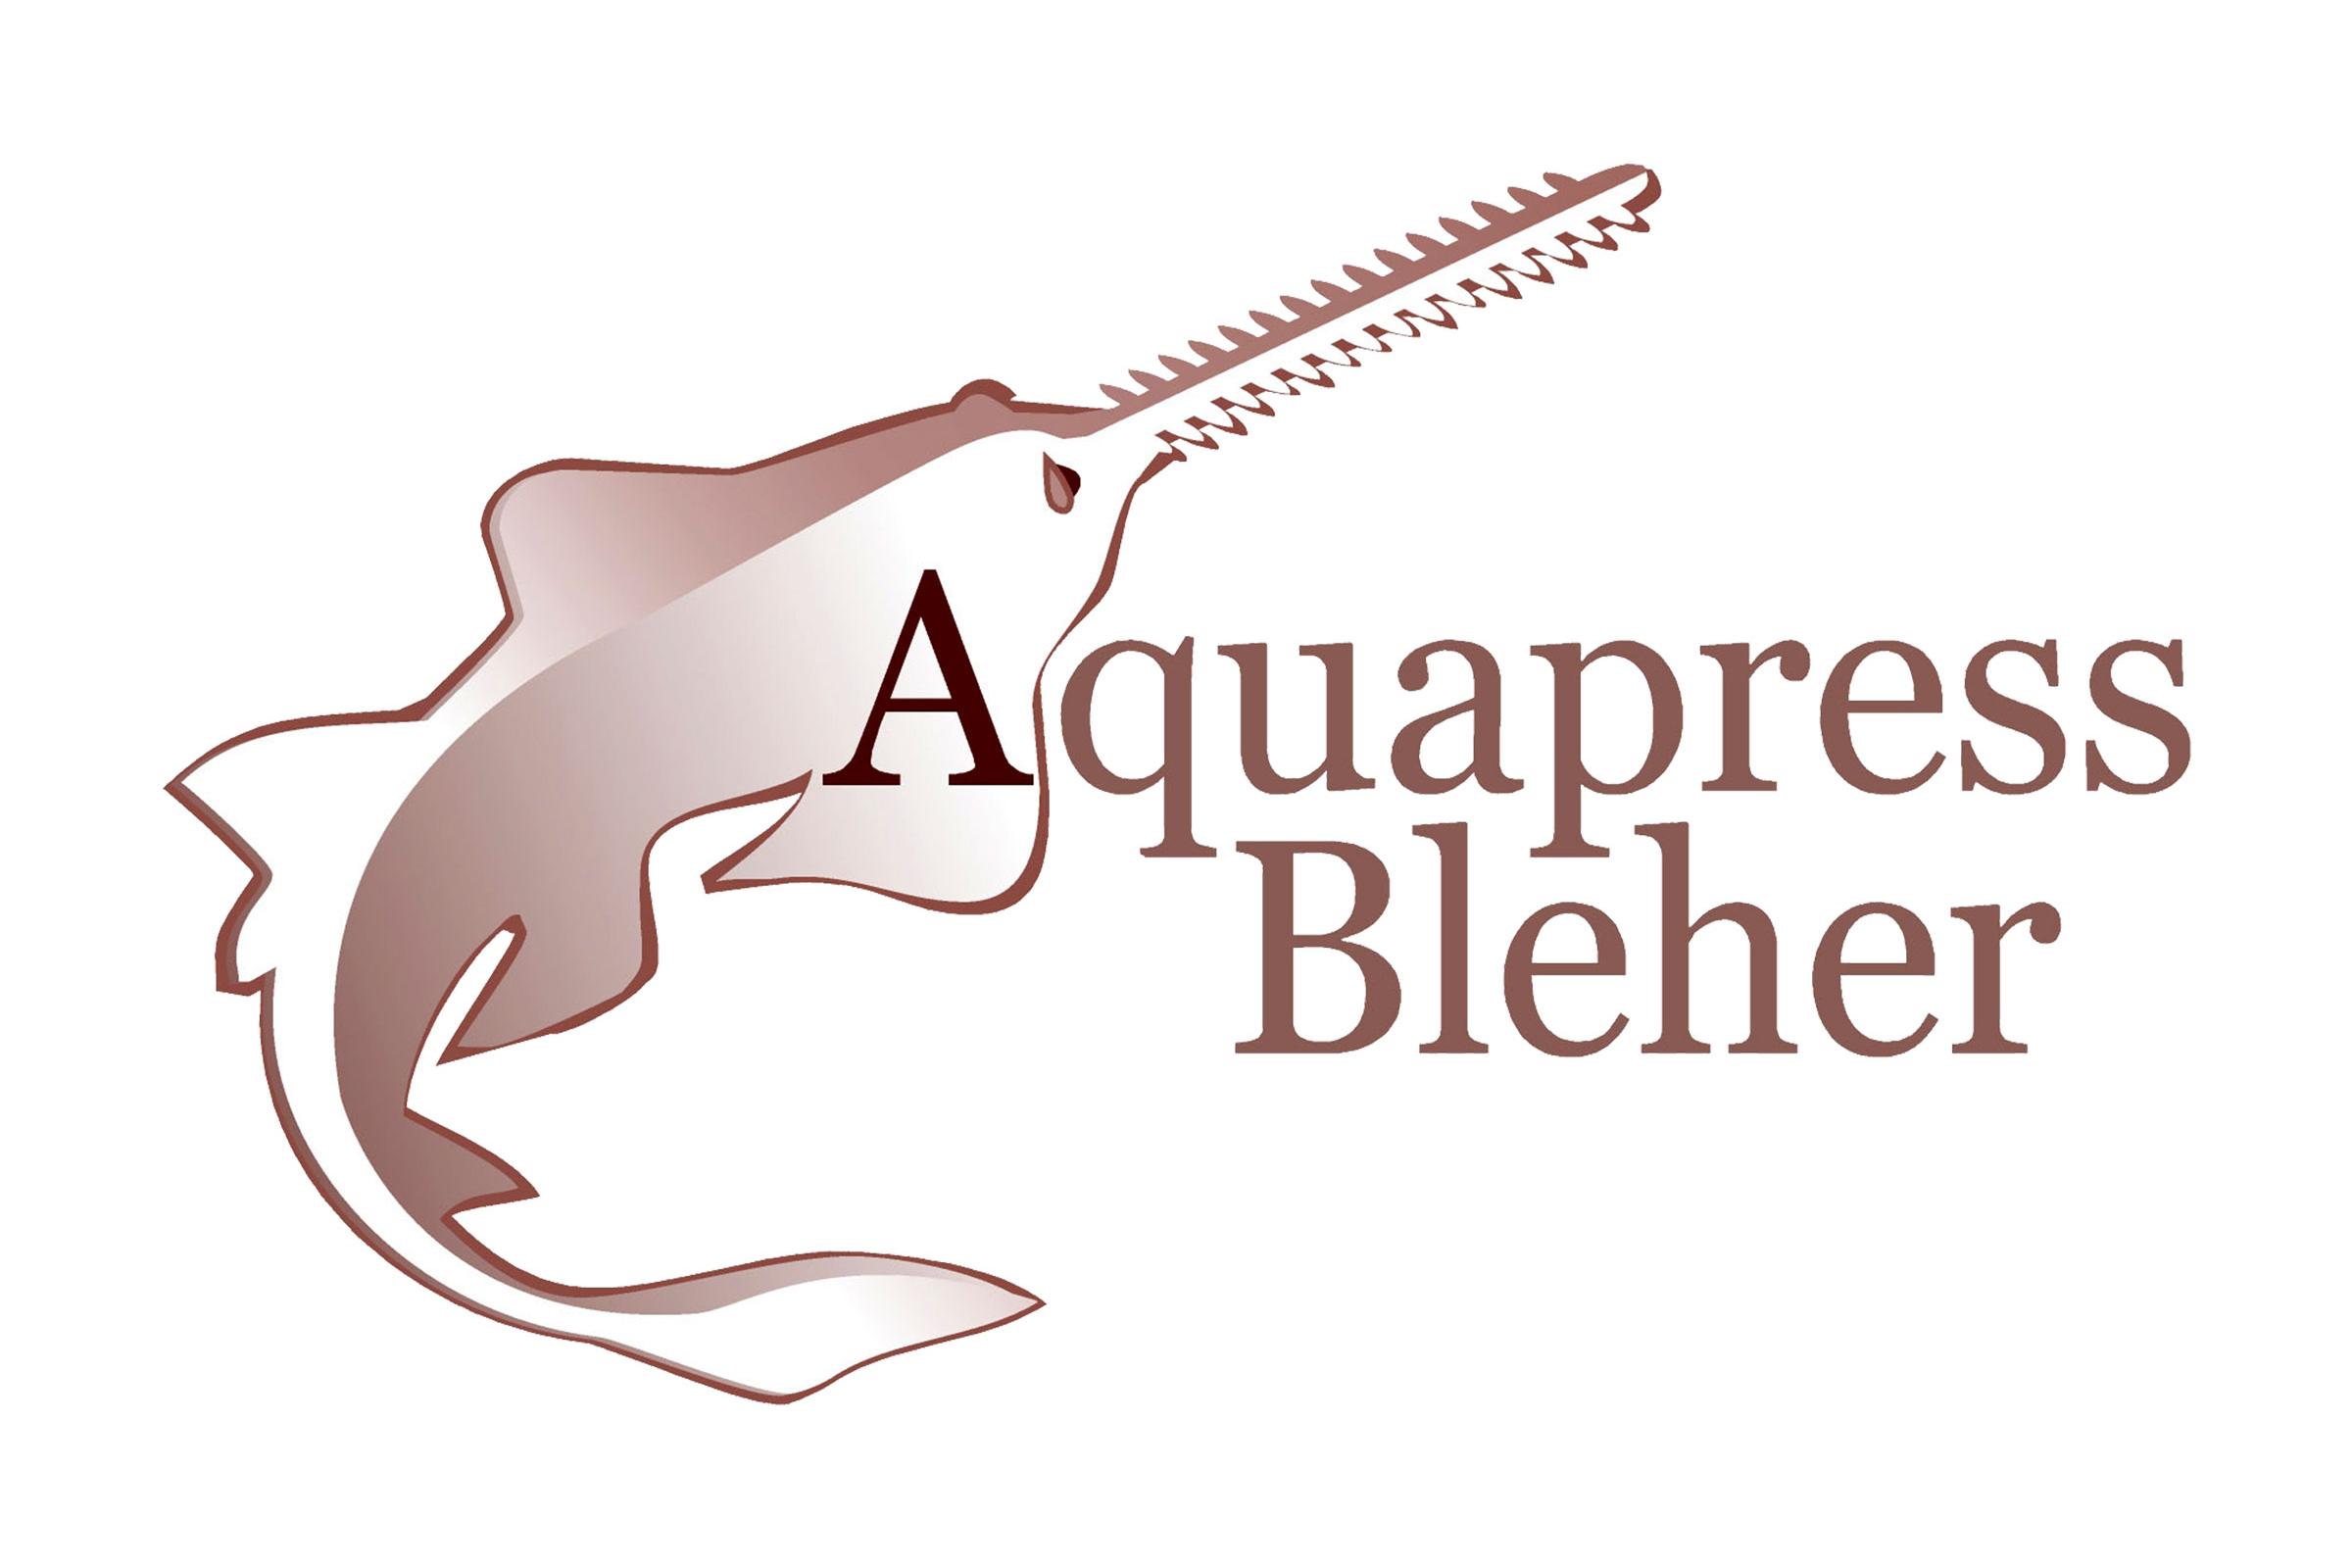 AQUAPRESS, Sponsor of the BIOTOPE AQUARIUM Contest